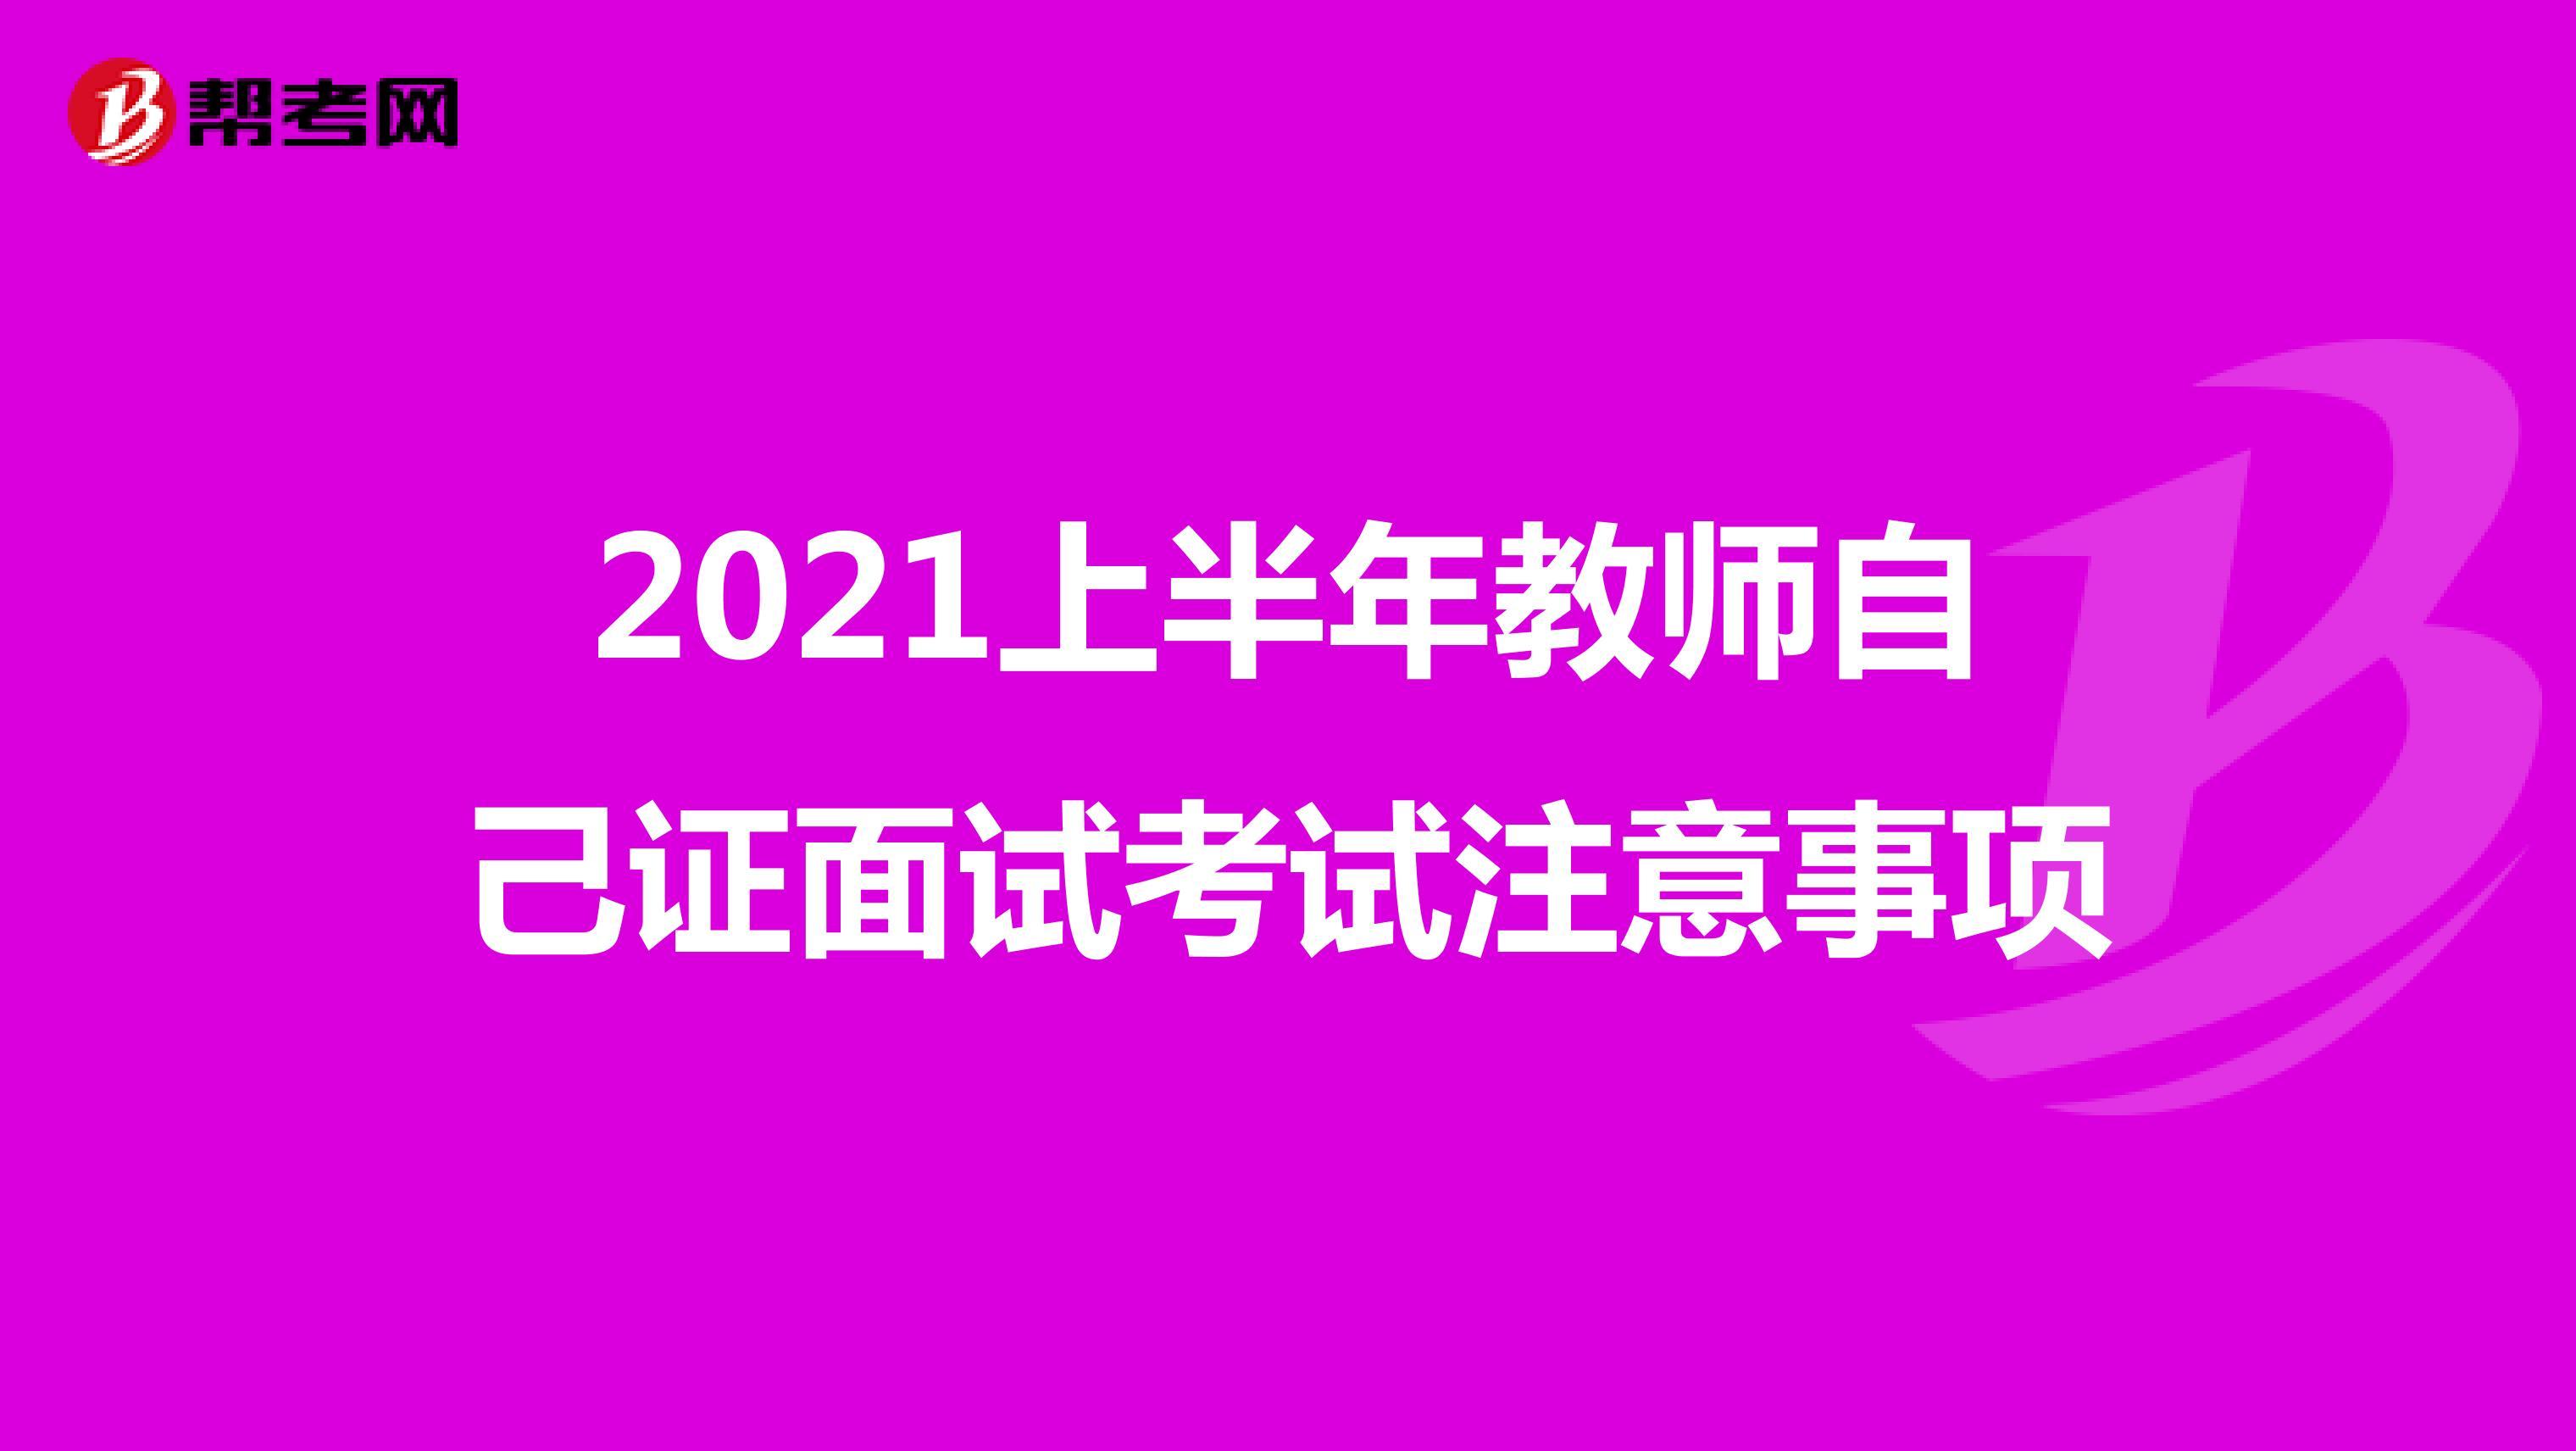 2021上半年教師自己證面試考試注意事項